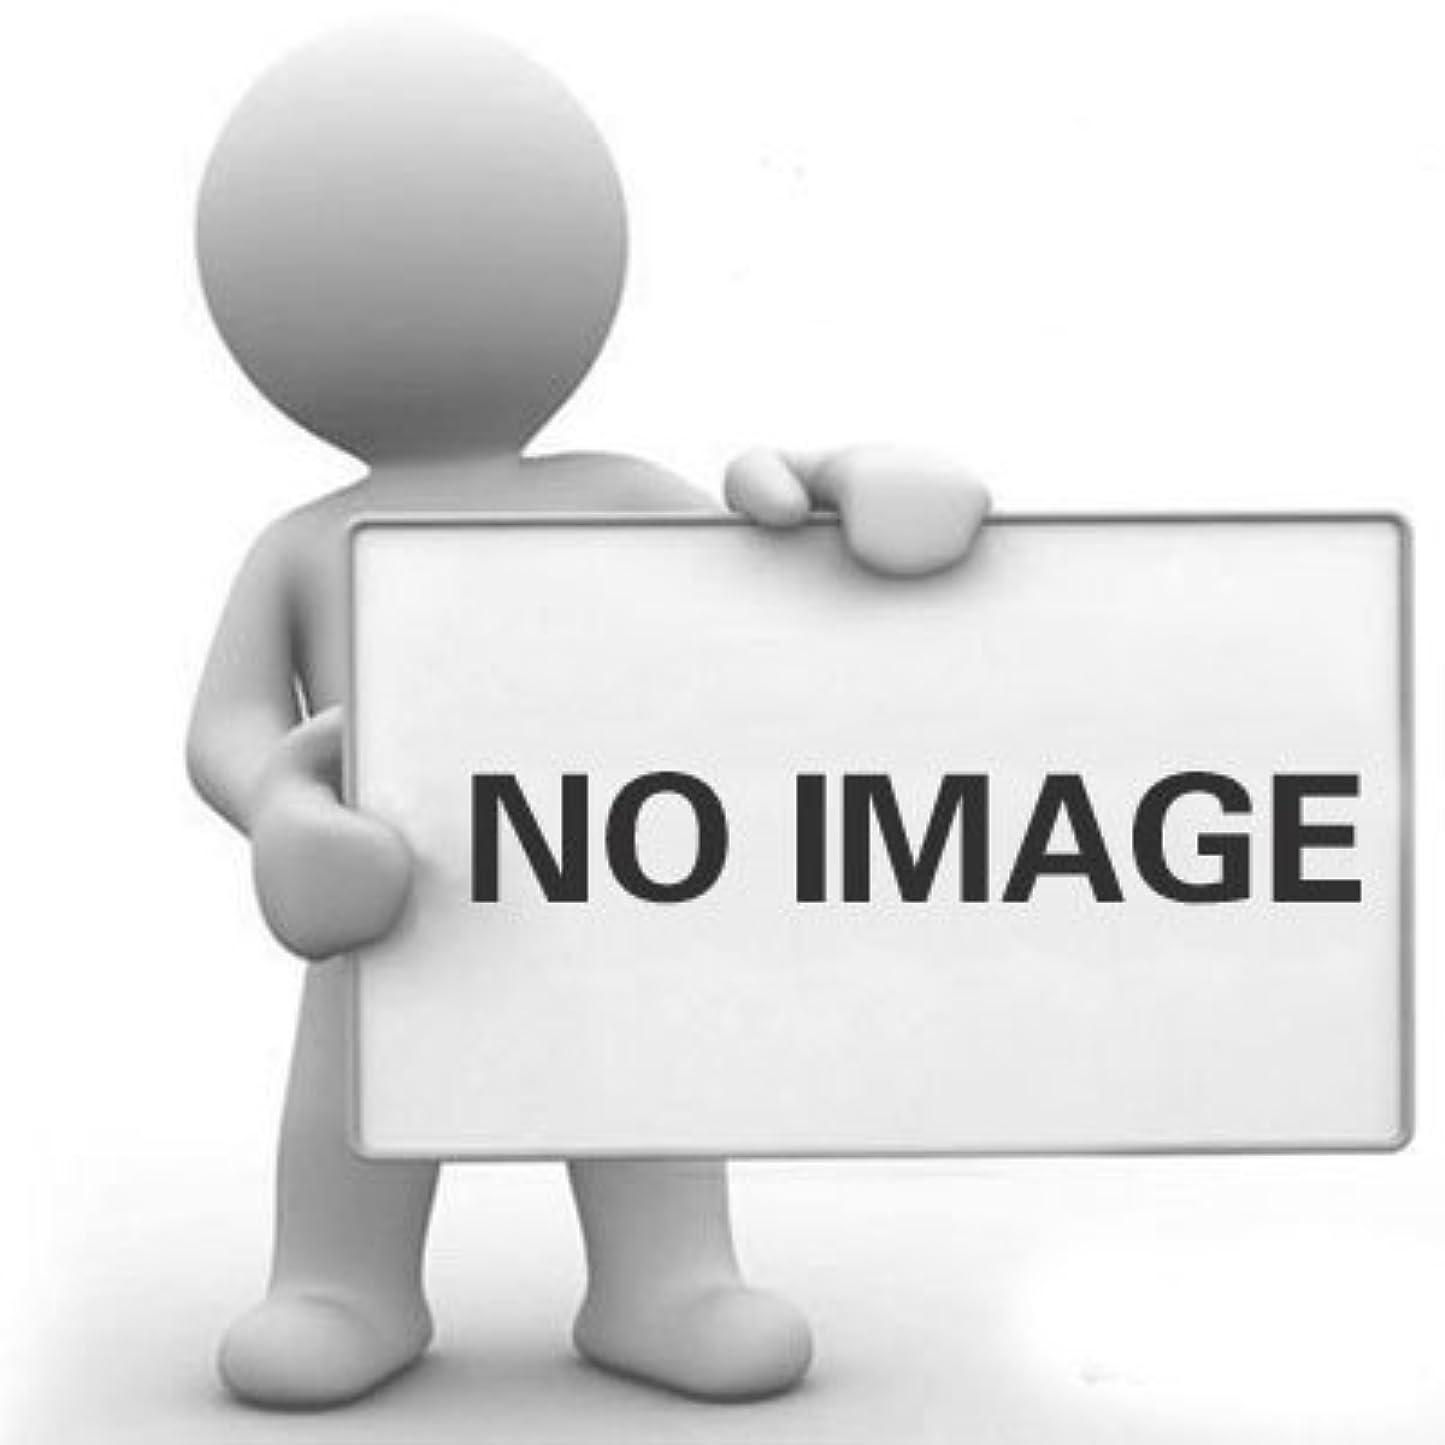 合理化クールバーゲンToygogo 2ピースプロフェッショナルセクショニングウィービングハイライトハイライトヘアコームカラーリング染色ヘアブラシキットと交換可能フックブラック